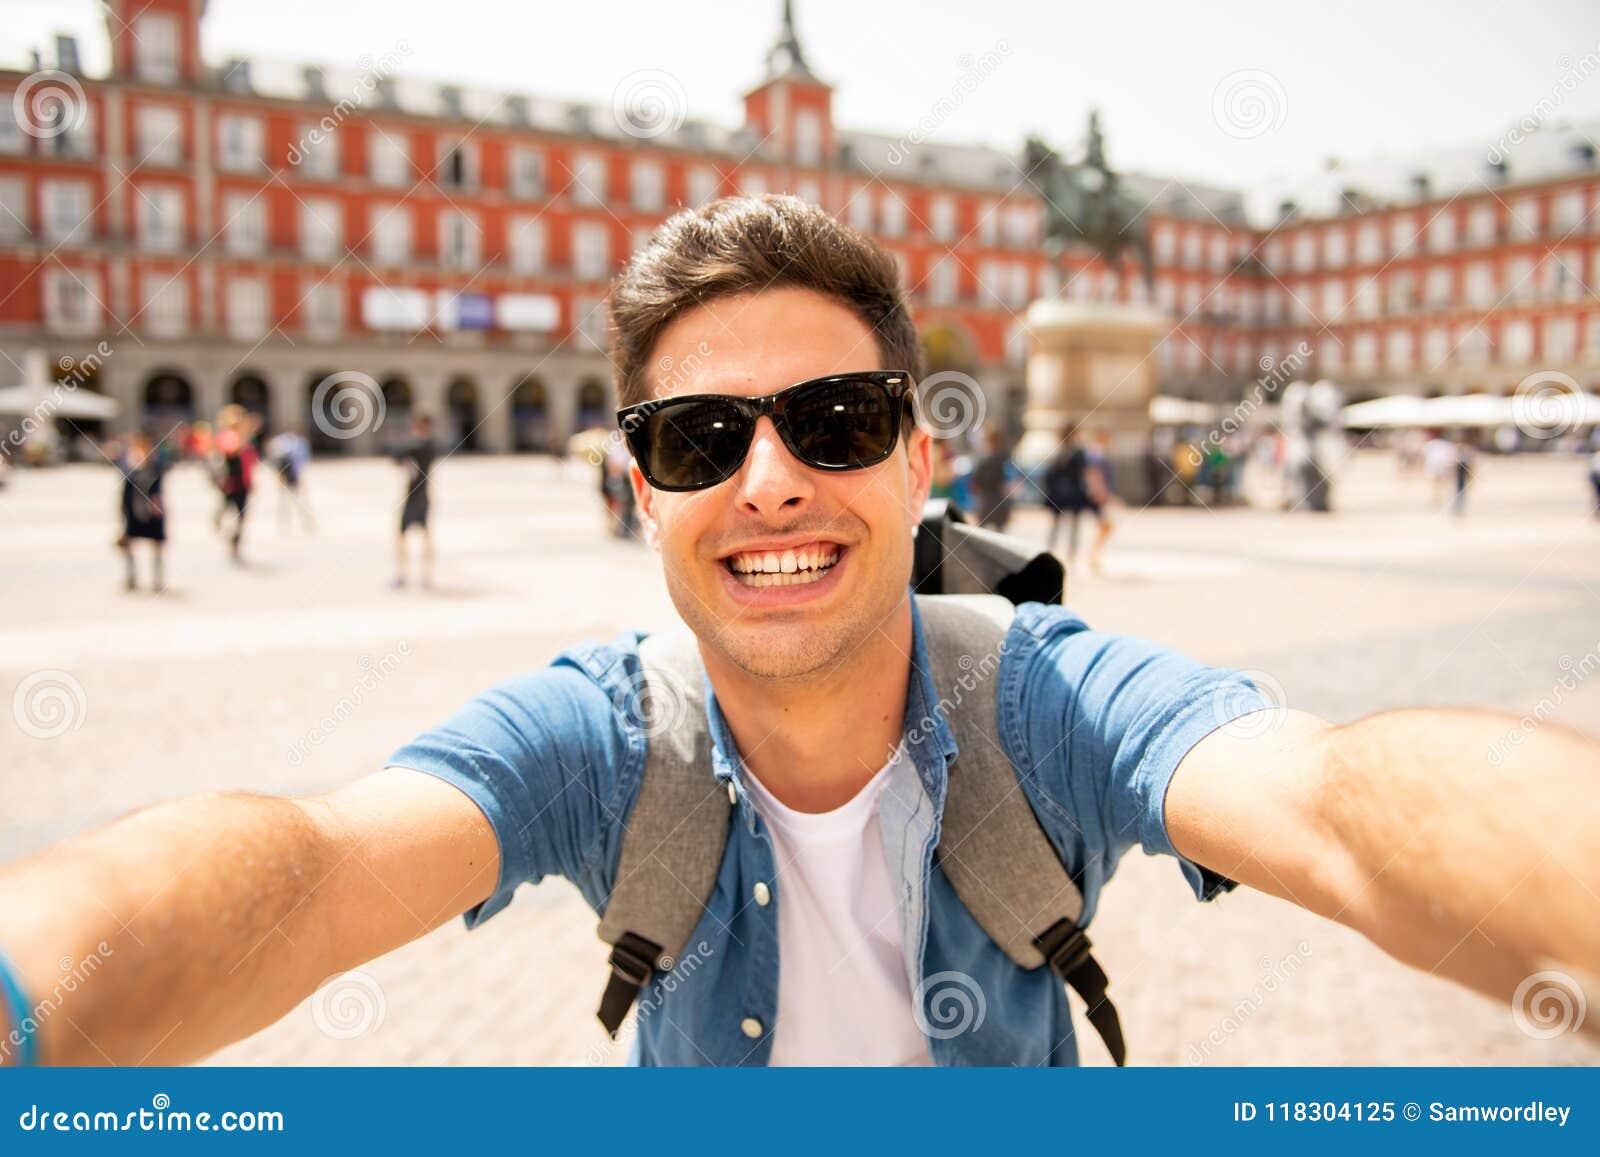 Knappe jonge Kaukasische gelukkig en opgewekte toeristenmens nemend een selfie in Pleinburgemeester, Madrid Spanje